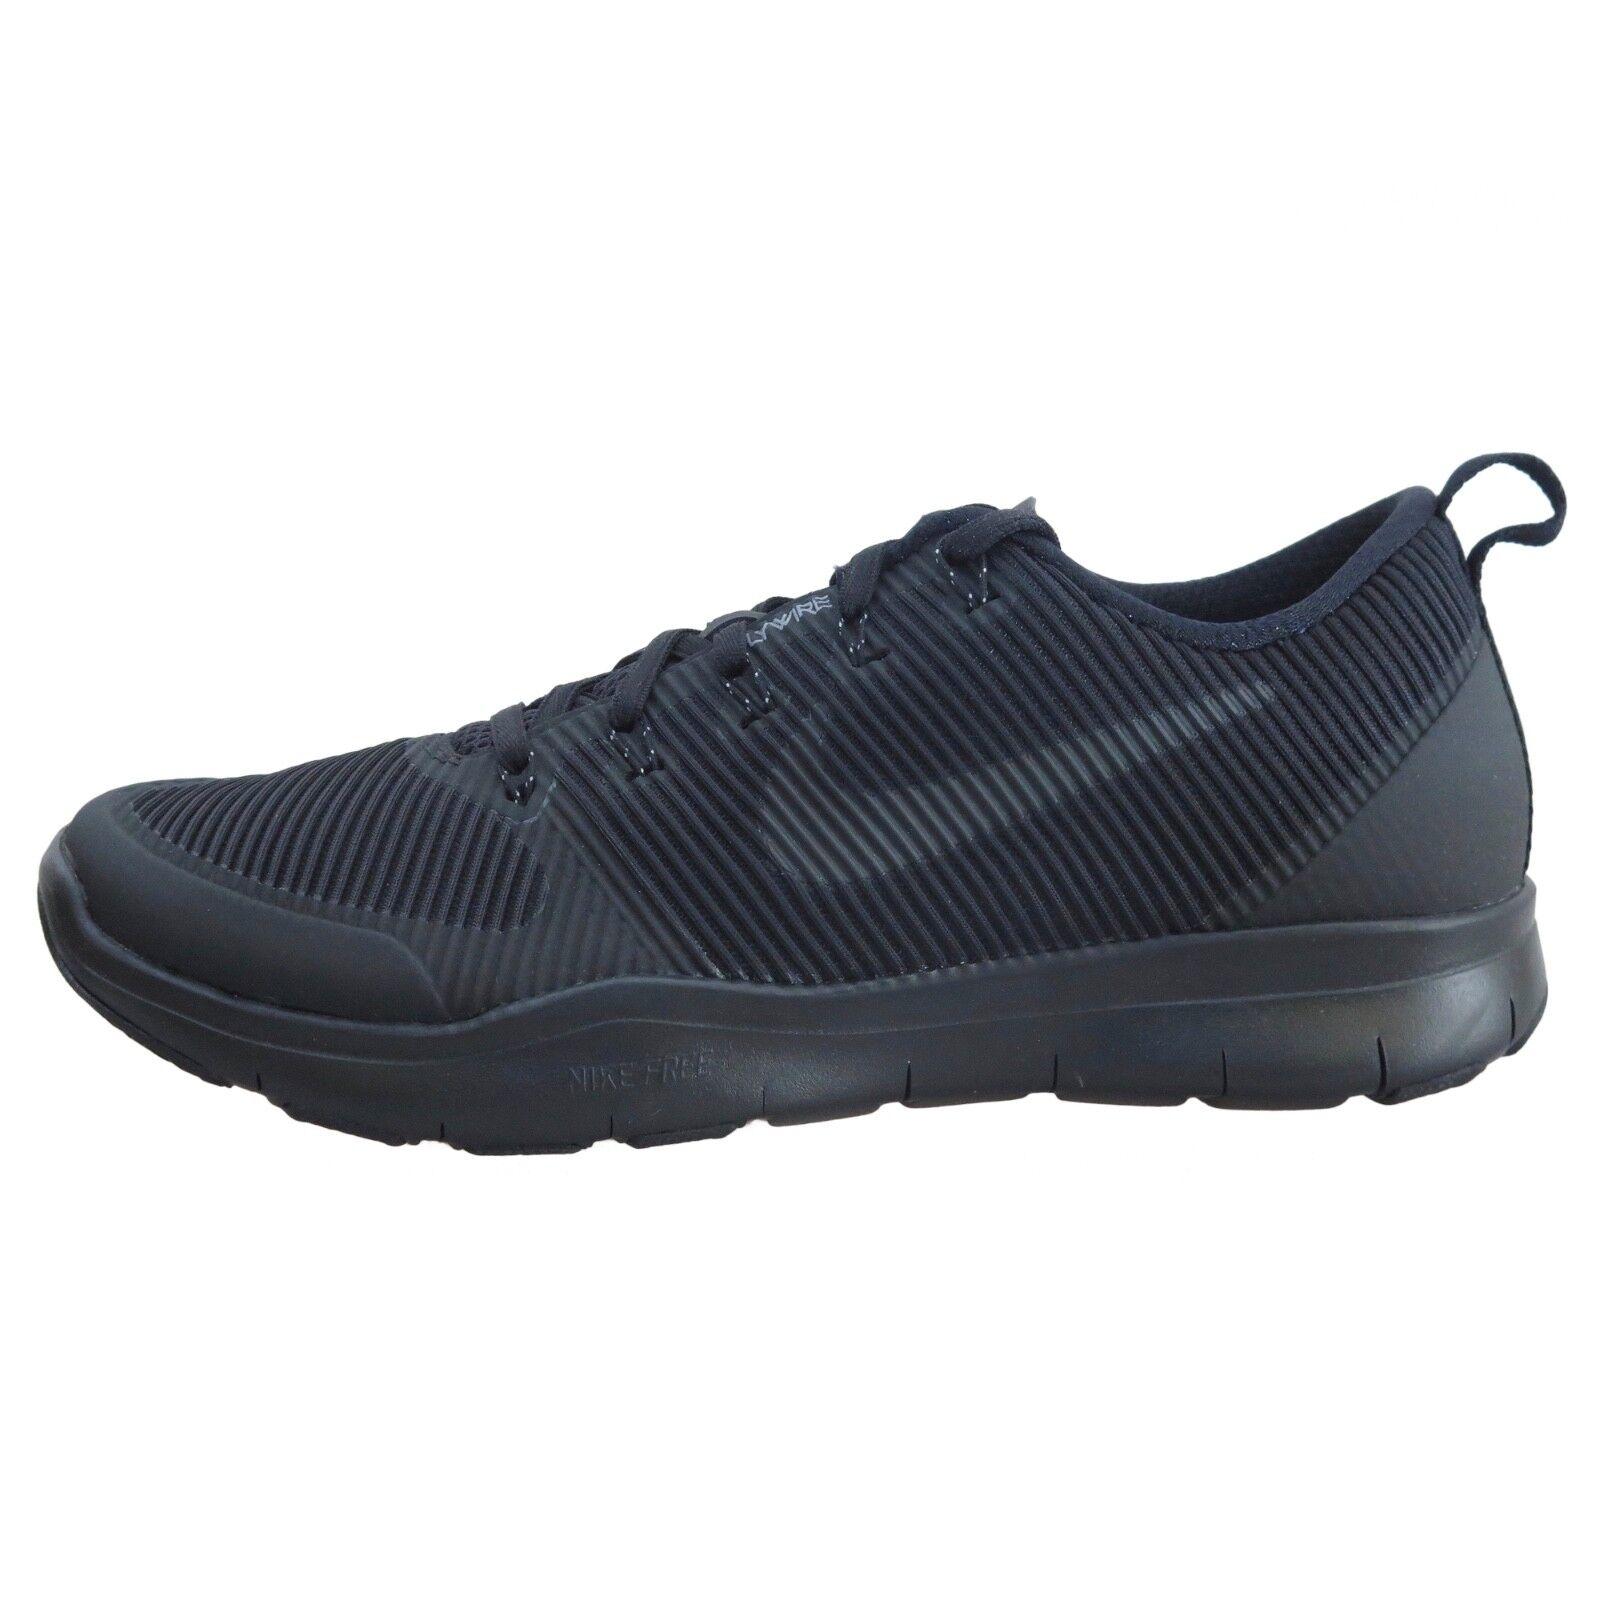 Nike Free Train Versatility - Größen 40,5 und 41 # 833258-005